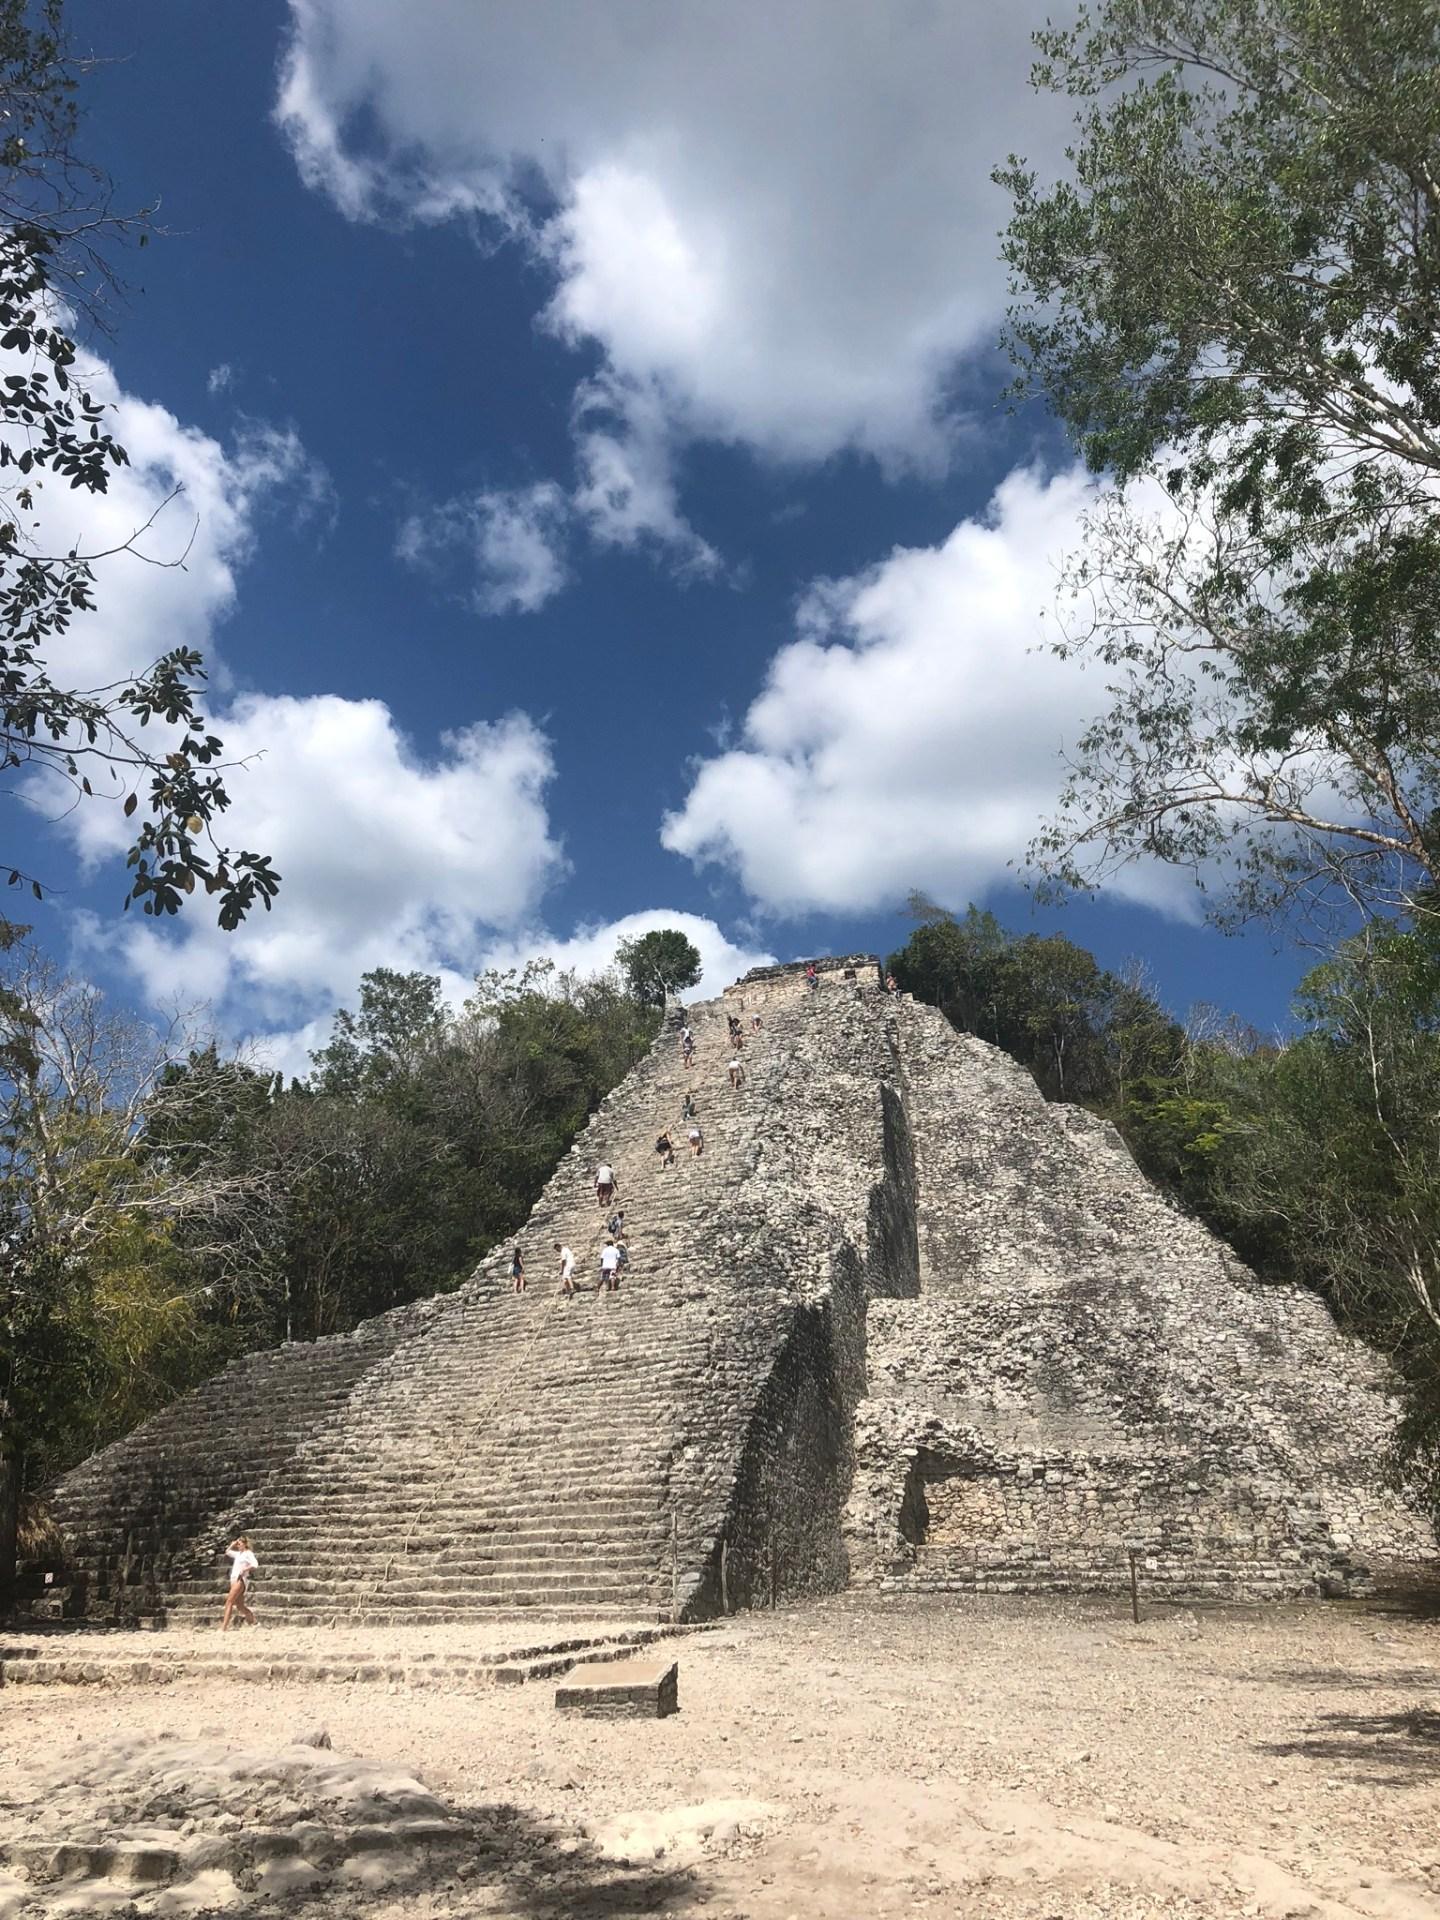 Pyramid at Coba, Mexico